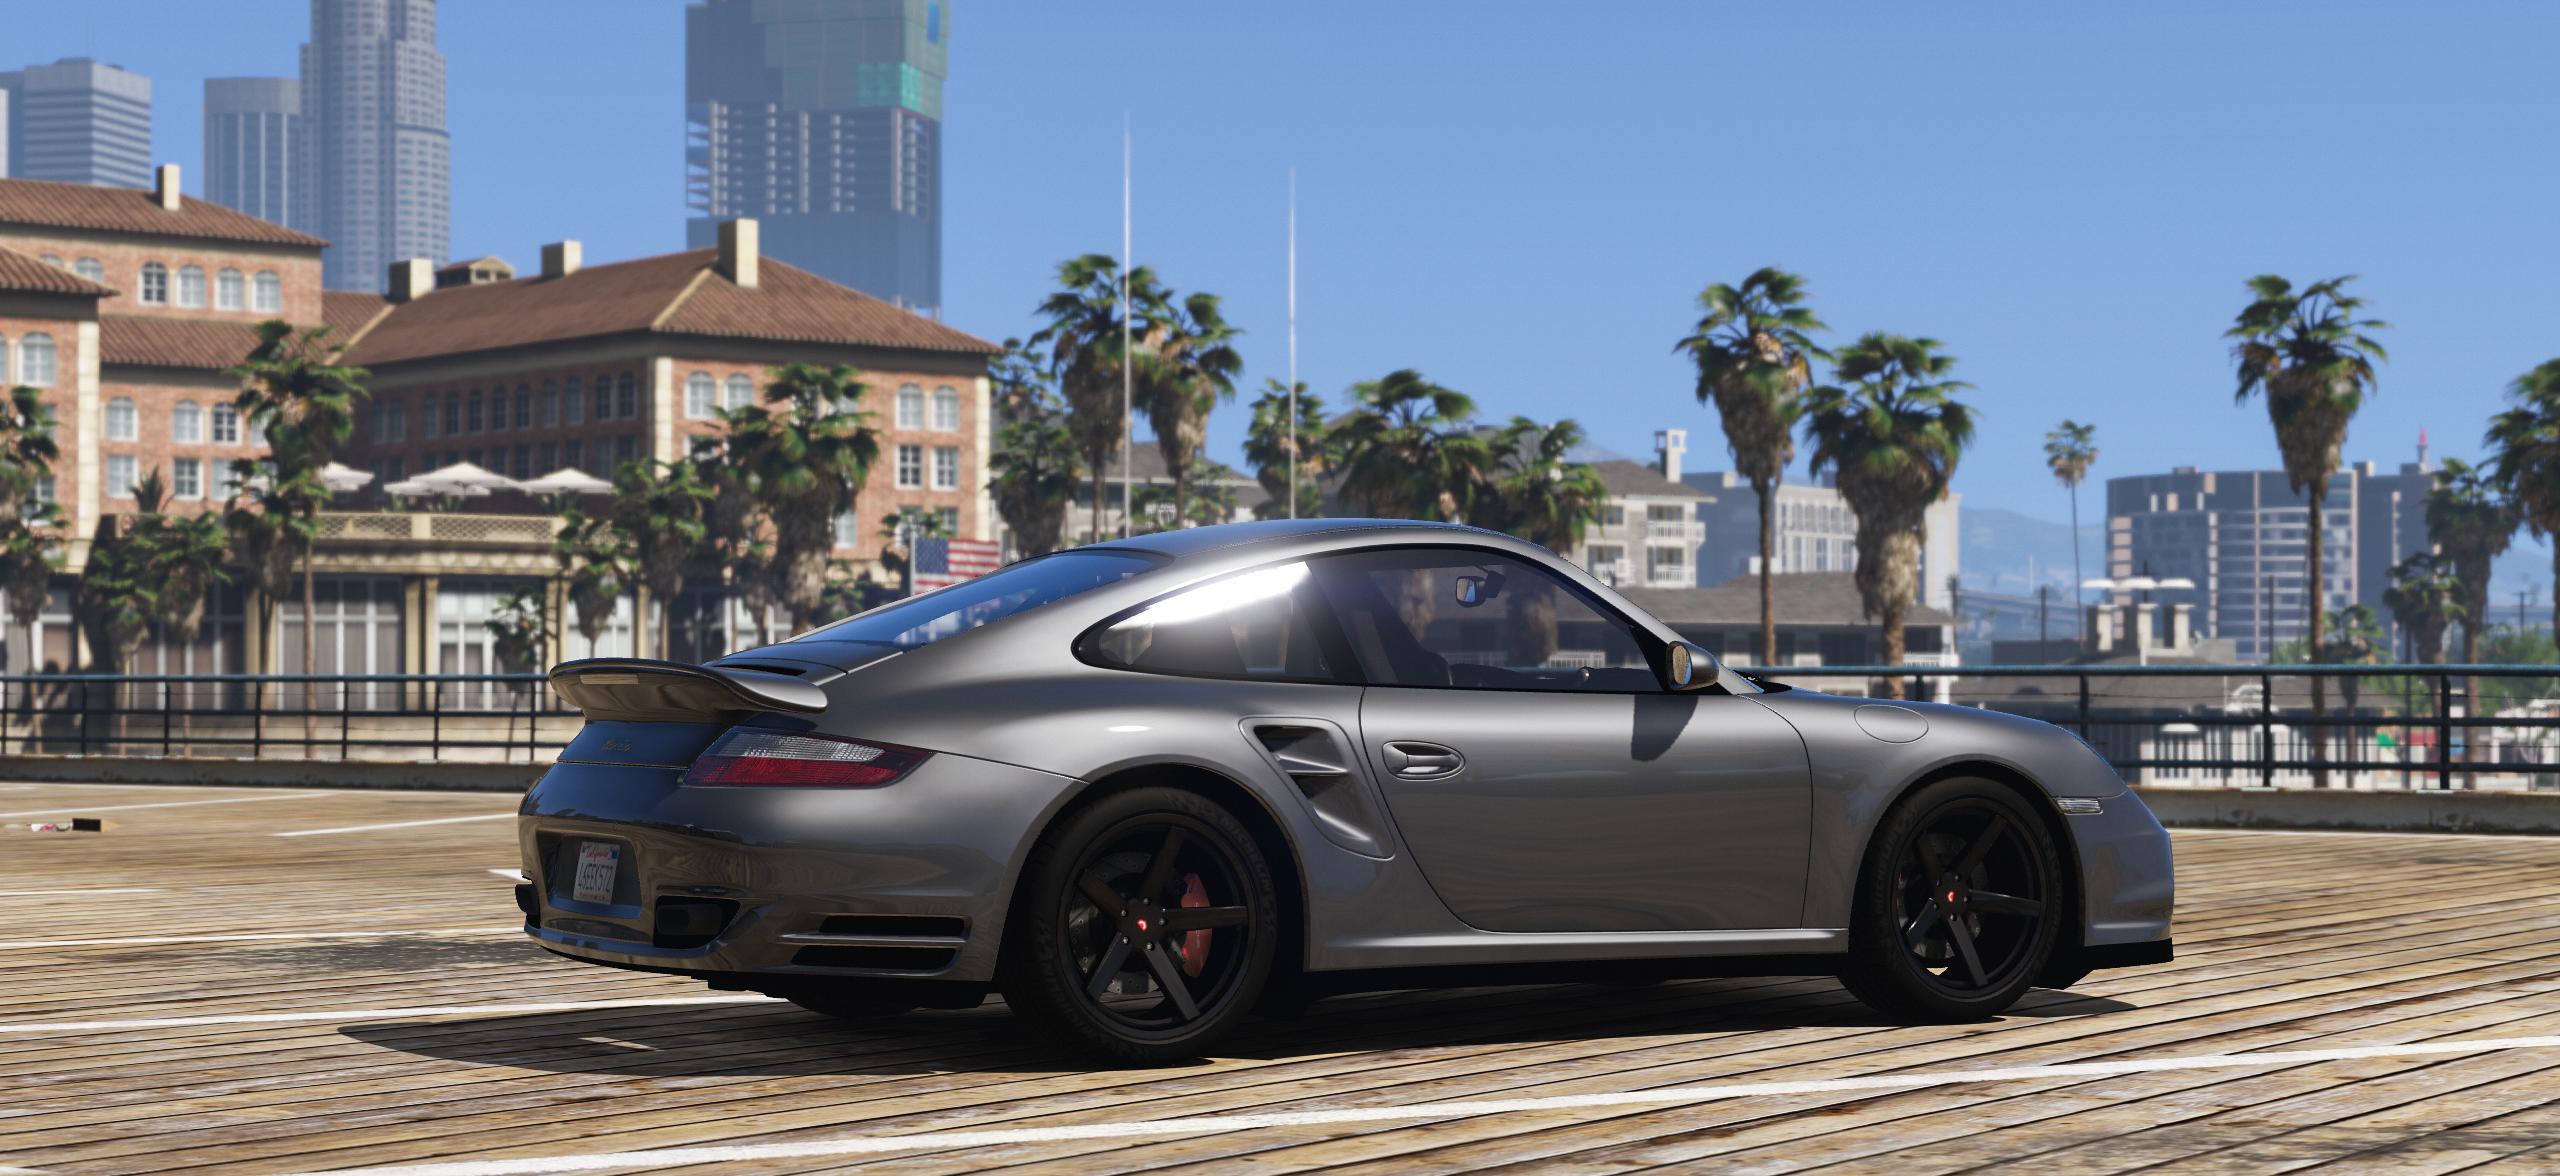 Grand_Theft_Auto_V_Screenshot_2018.03.06